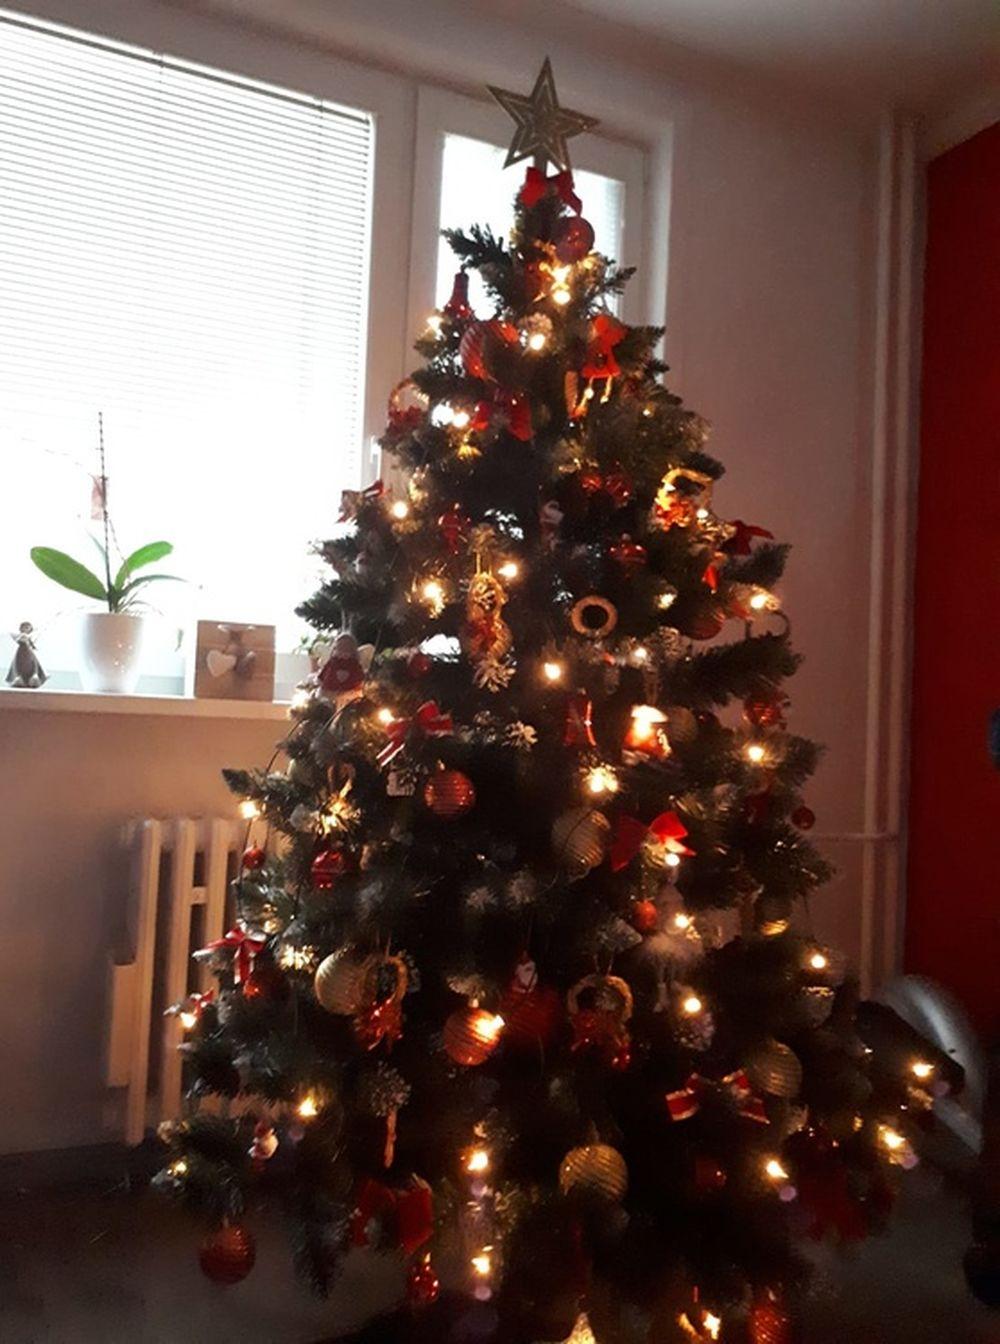 FOTO: Vianočné stromčeky v Žiline - výber fotografií našich čitateľov, foto 21